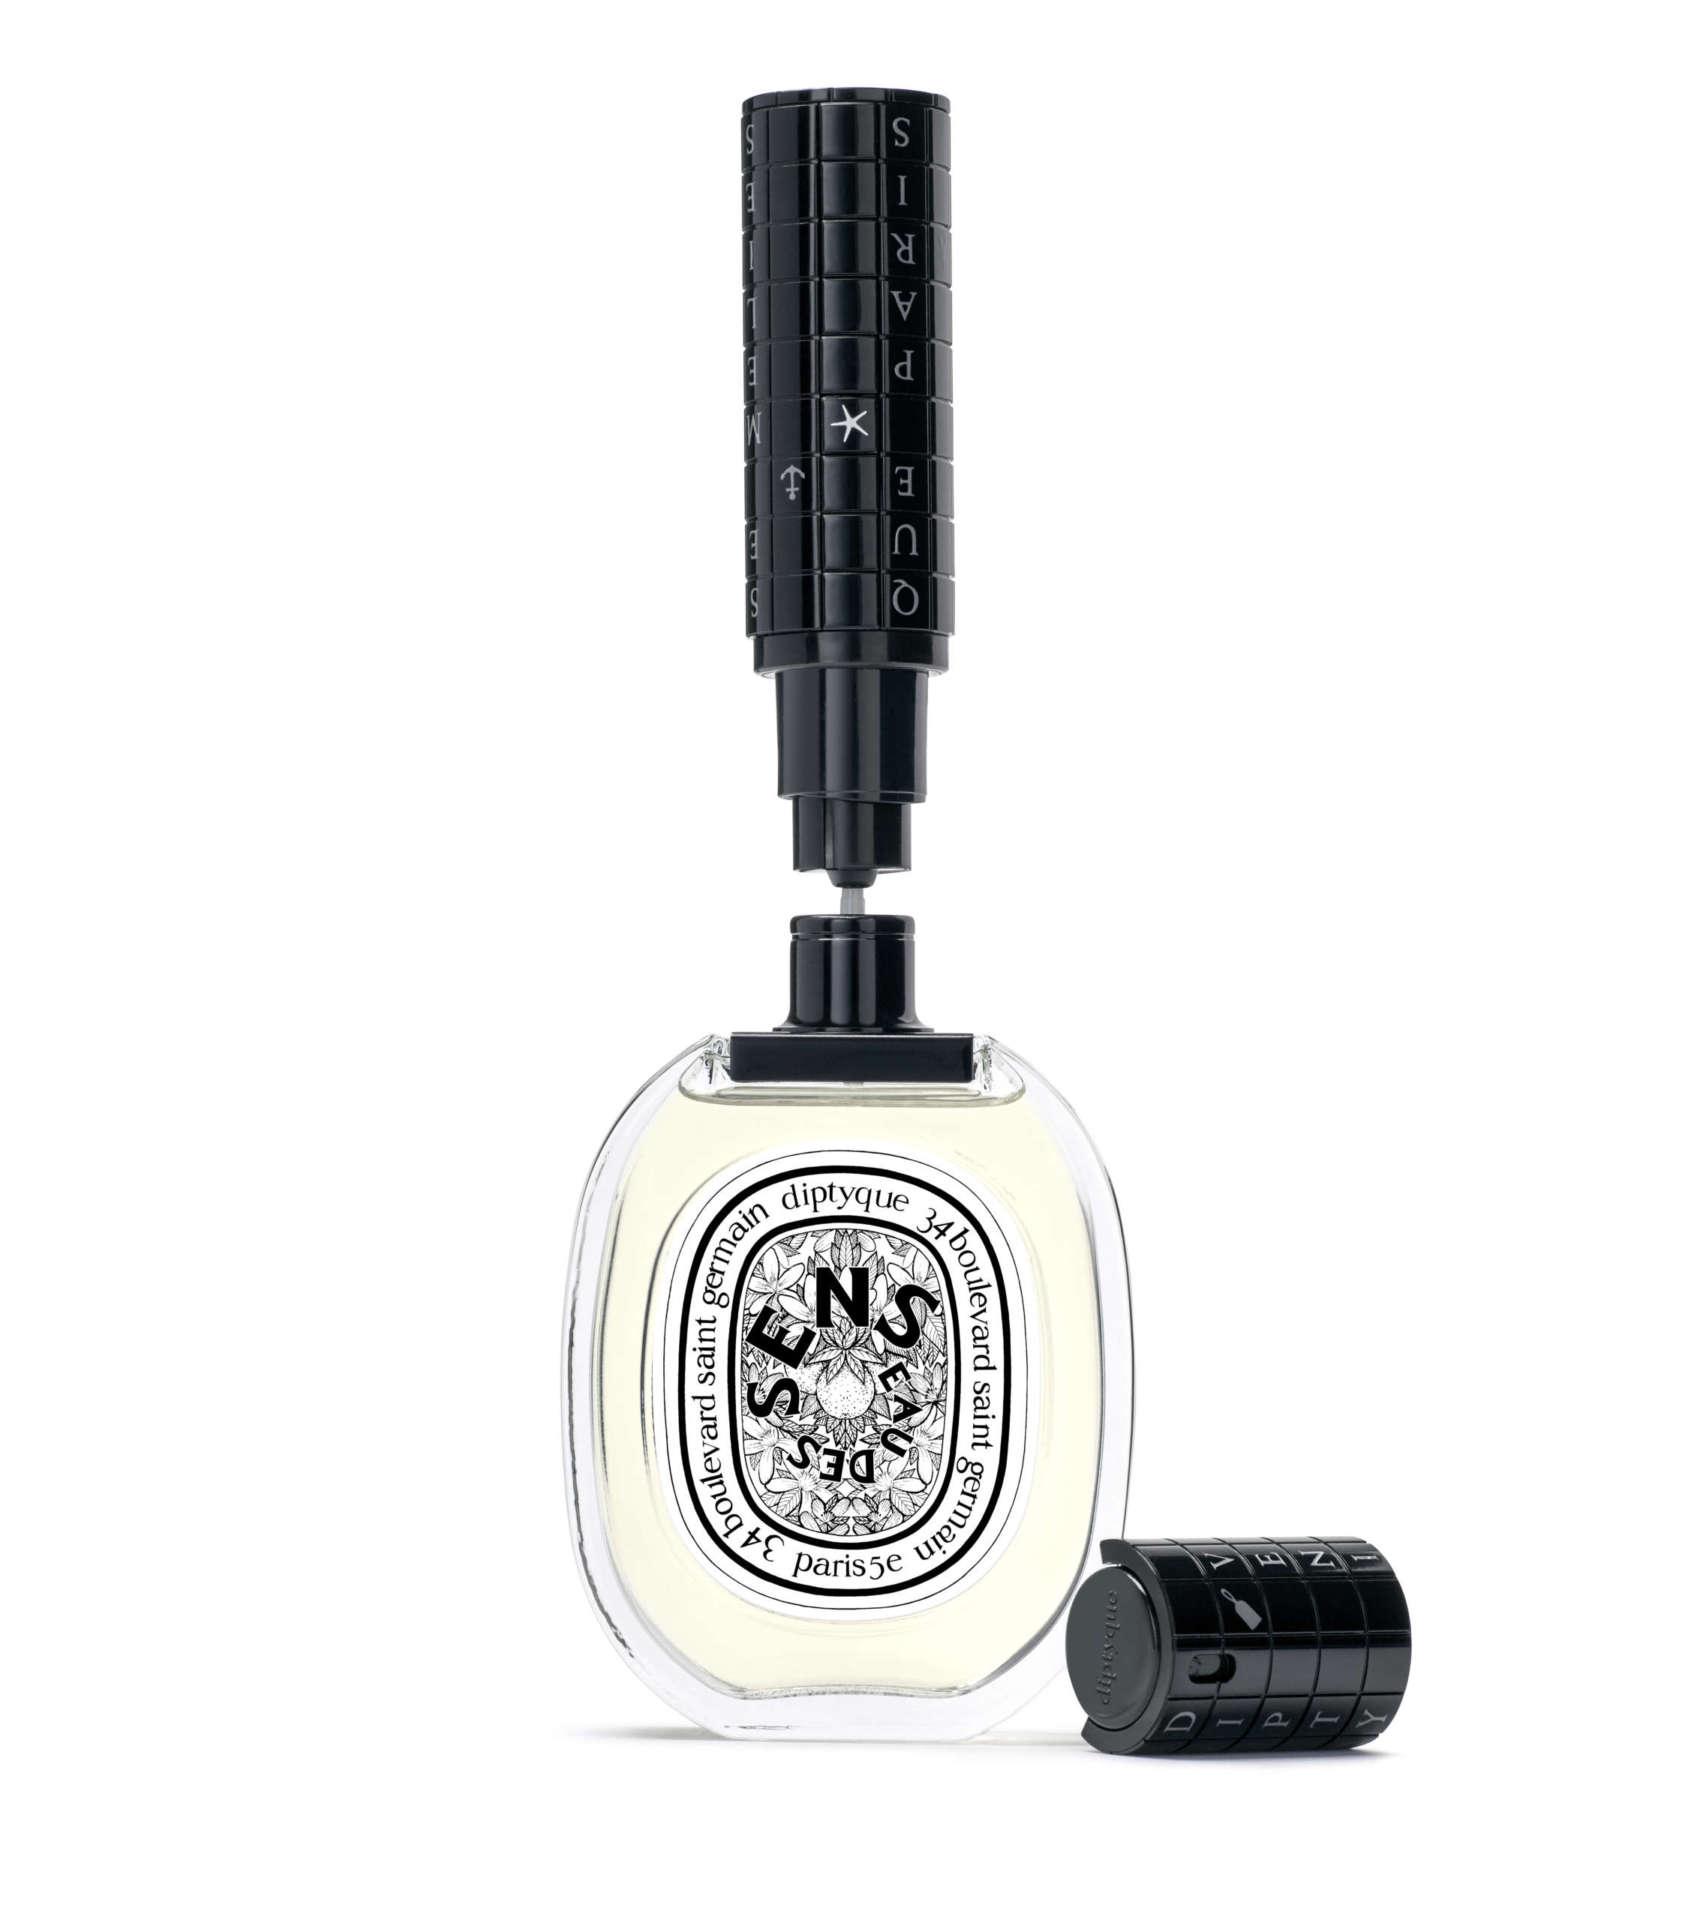 客製專屬你的香水瓶,隨身攜帶也好時髦的巴黎美香